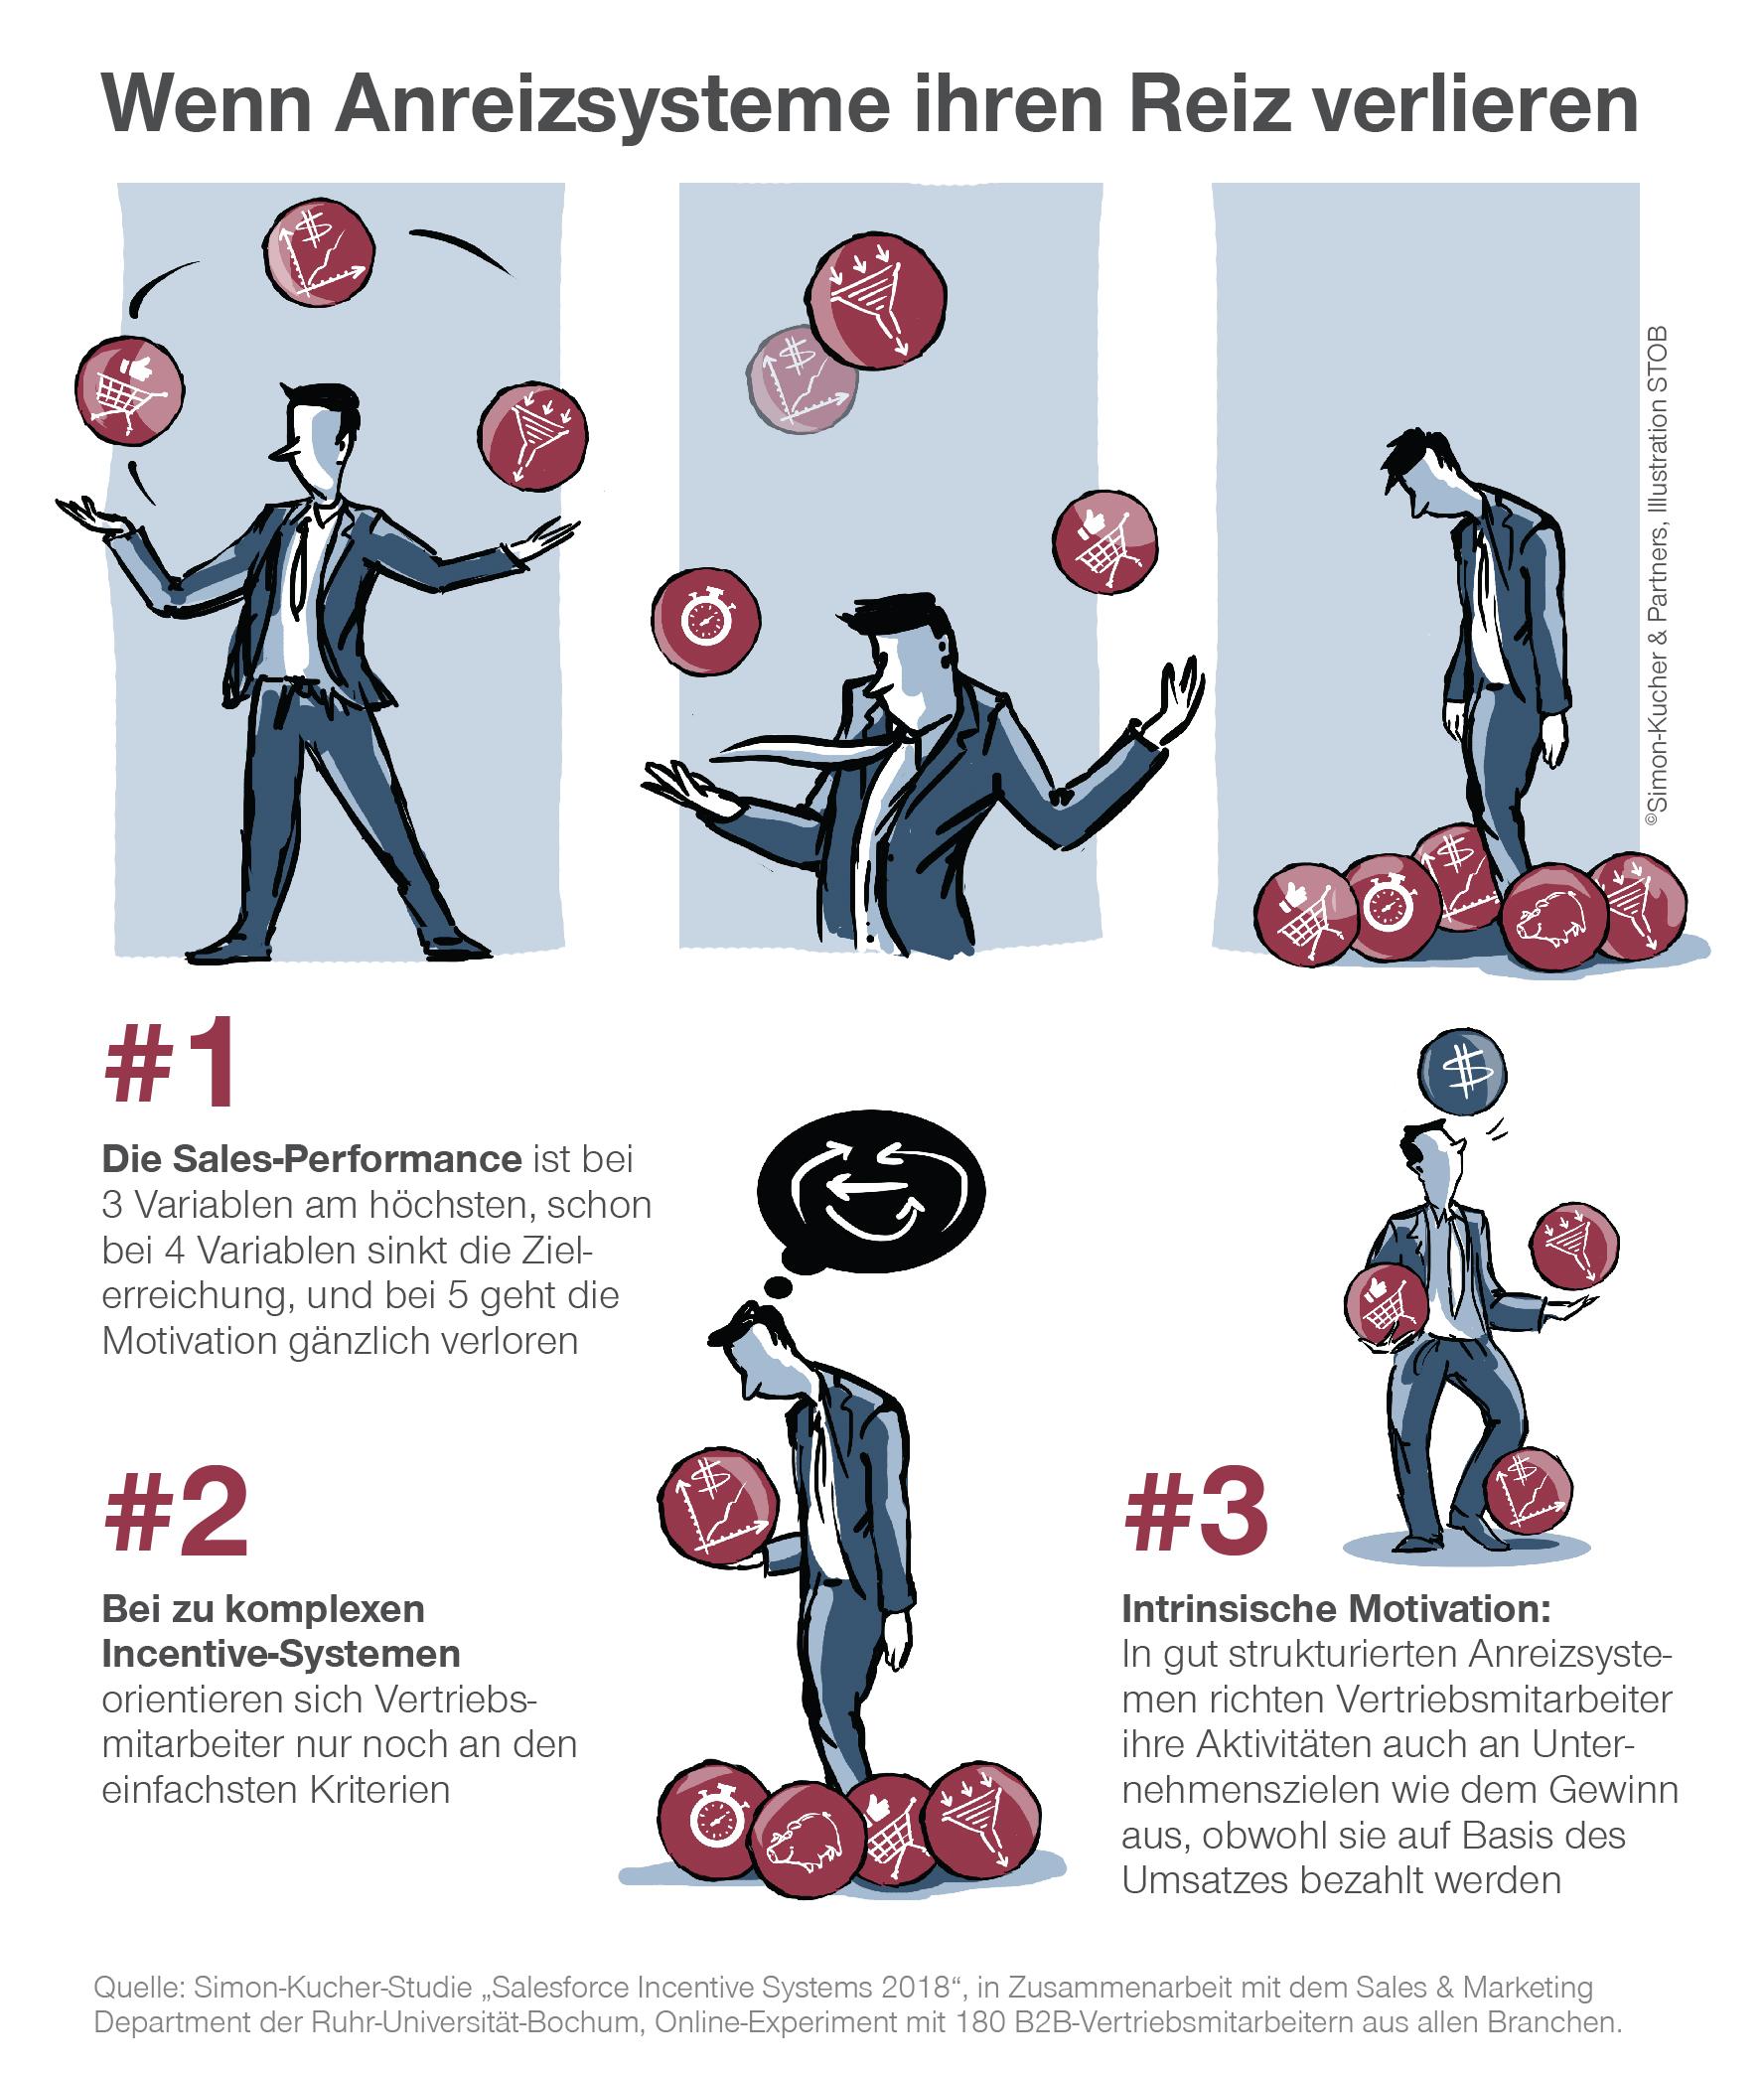 Zu Komplex Zu Frustrierend Wenn Anreizsysteme Ihren Reiz Verlieren